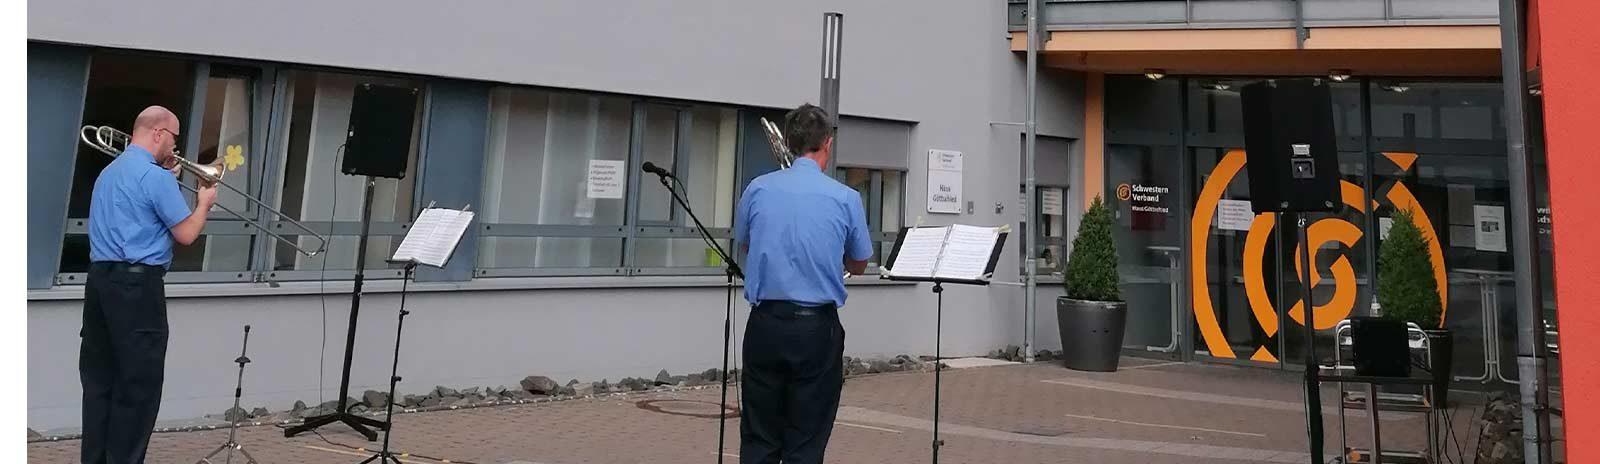 Haus-Göttschied_Polizei_slider